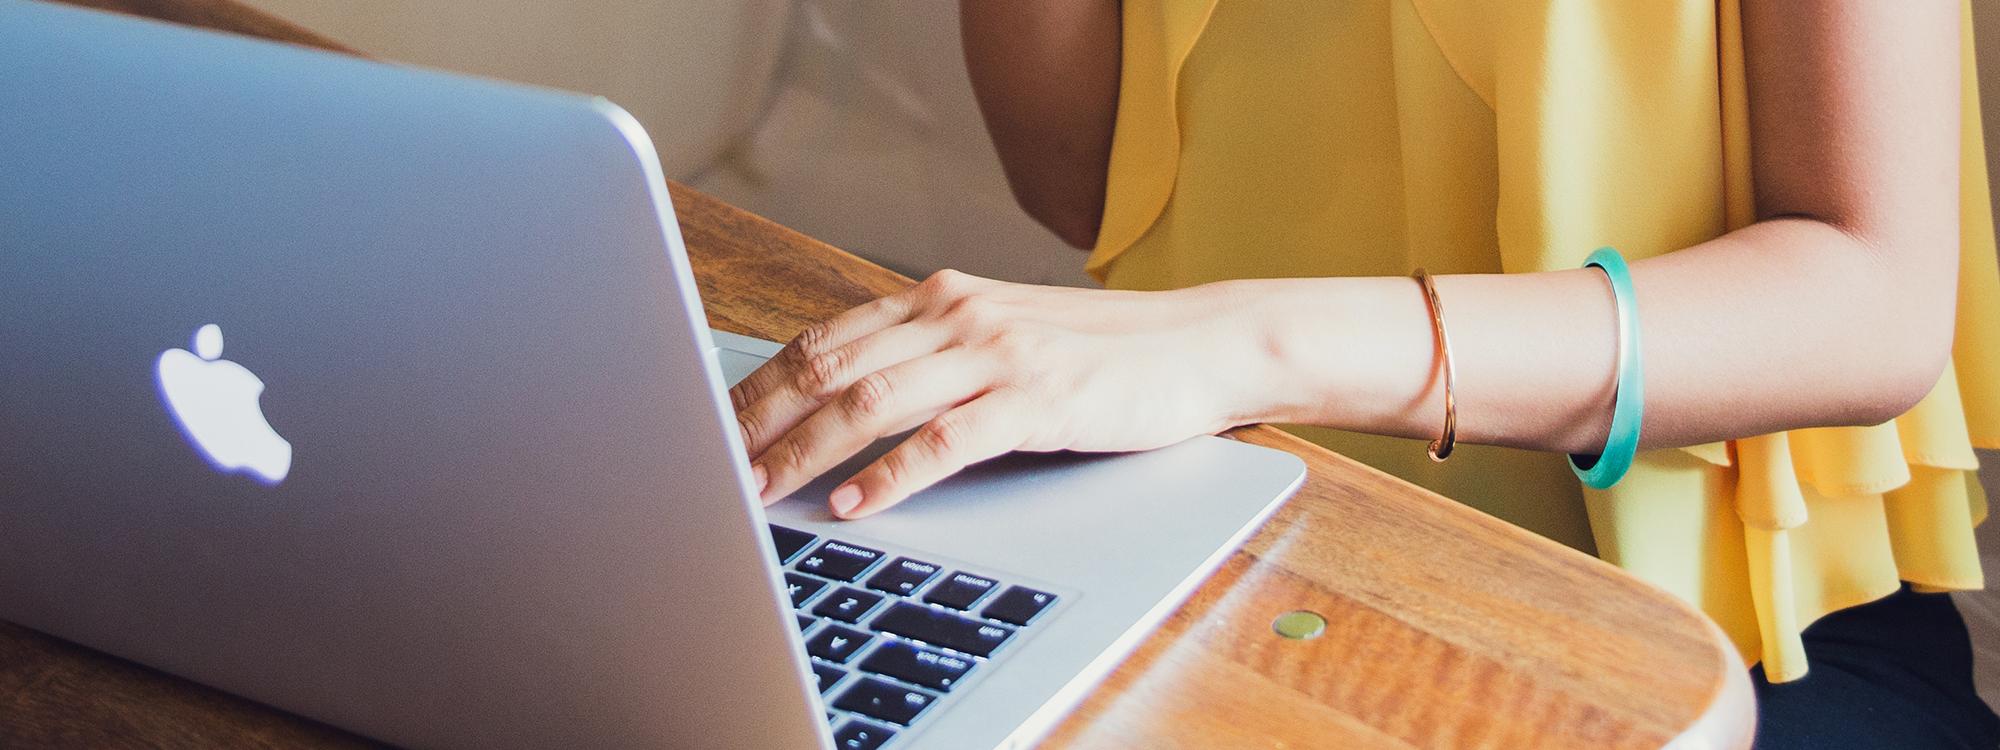 Anschreiben Job: Wie schreibt man eine Bewerbung